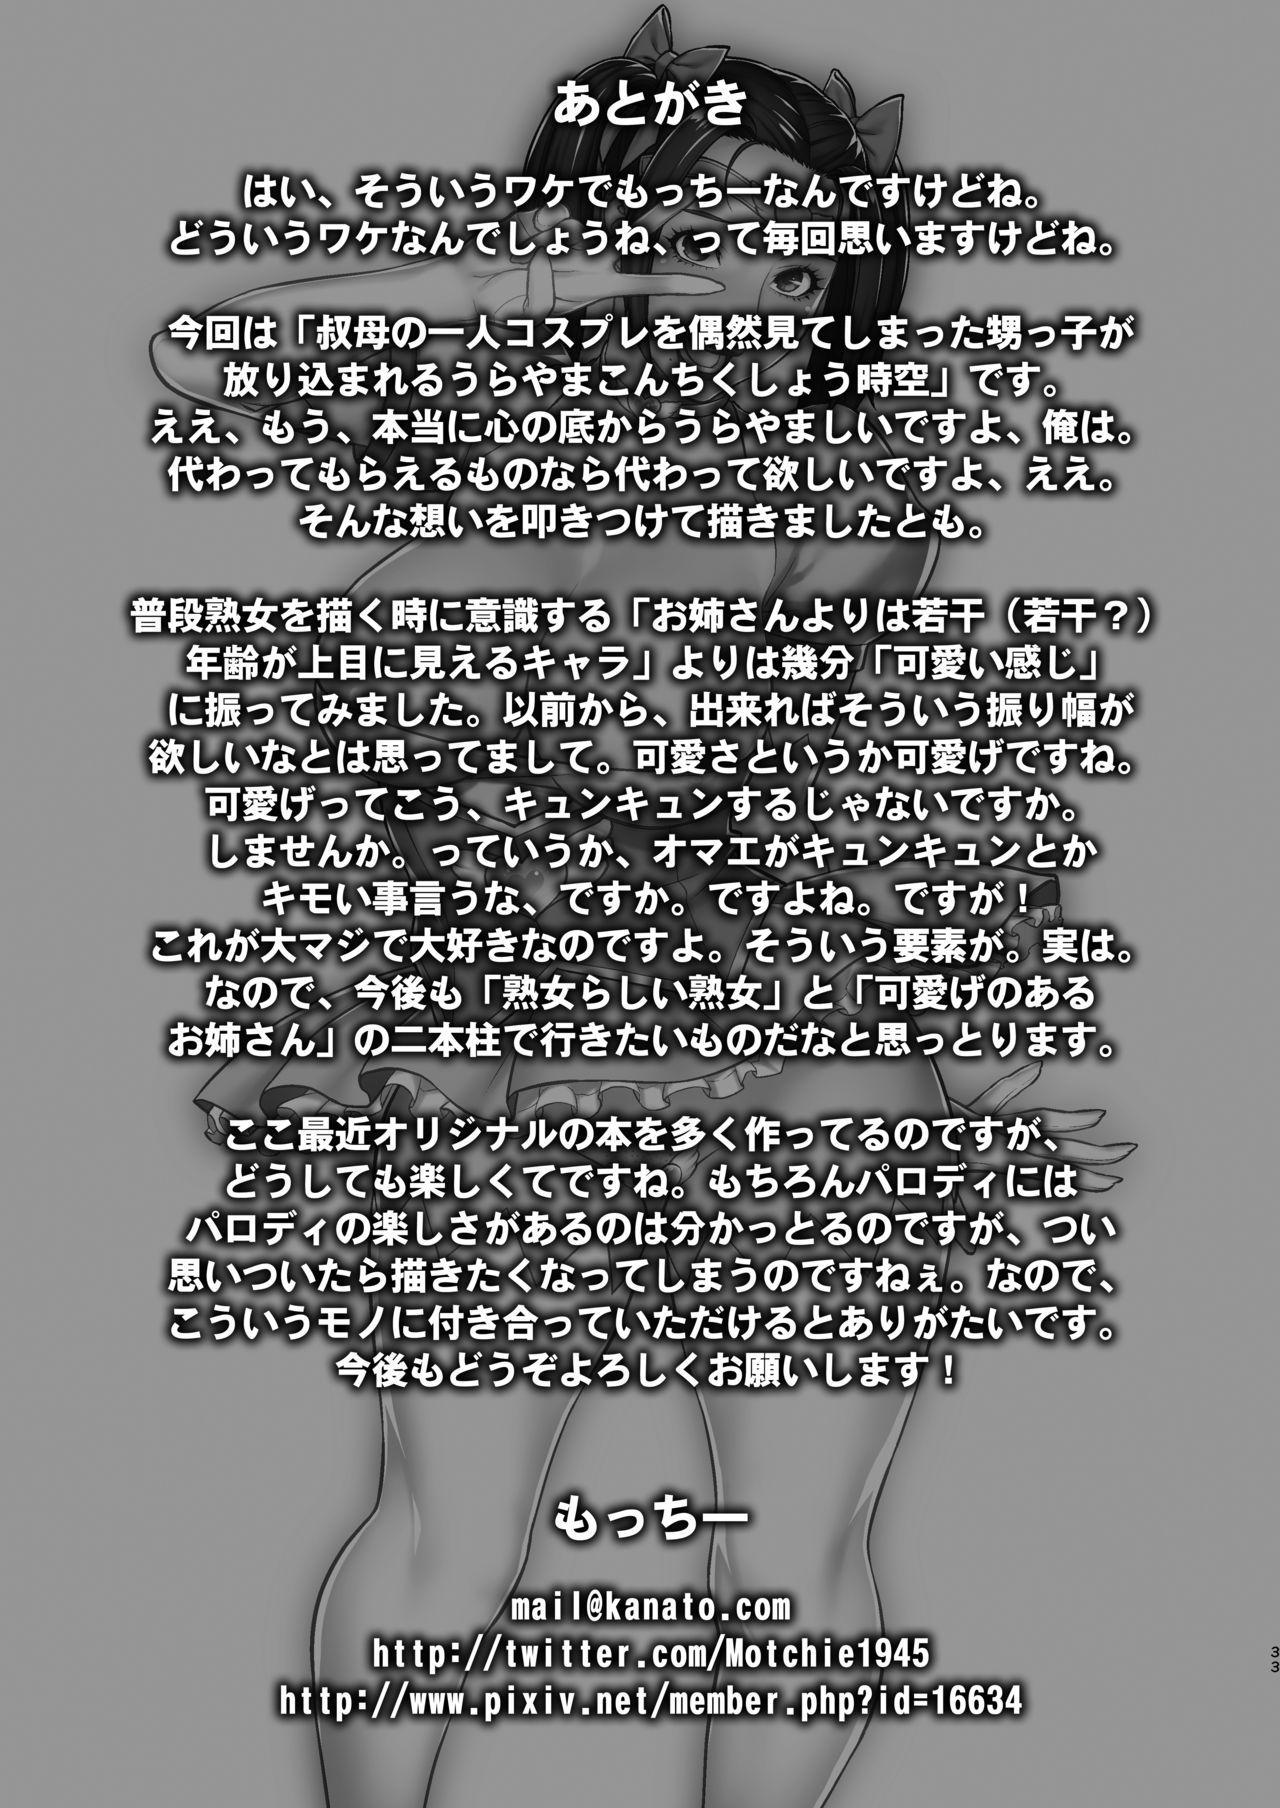 Oba no Uwa Kitsu Cosplay Onanie o Mokugeki Shita Ken 31